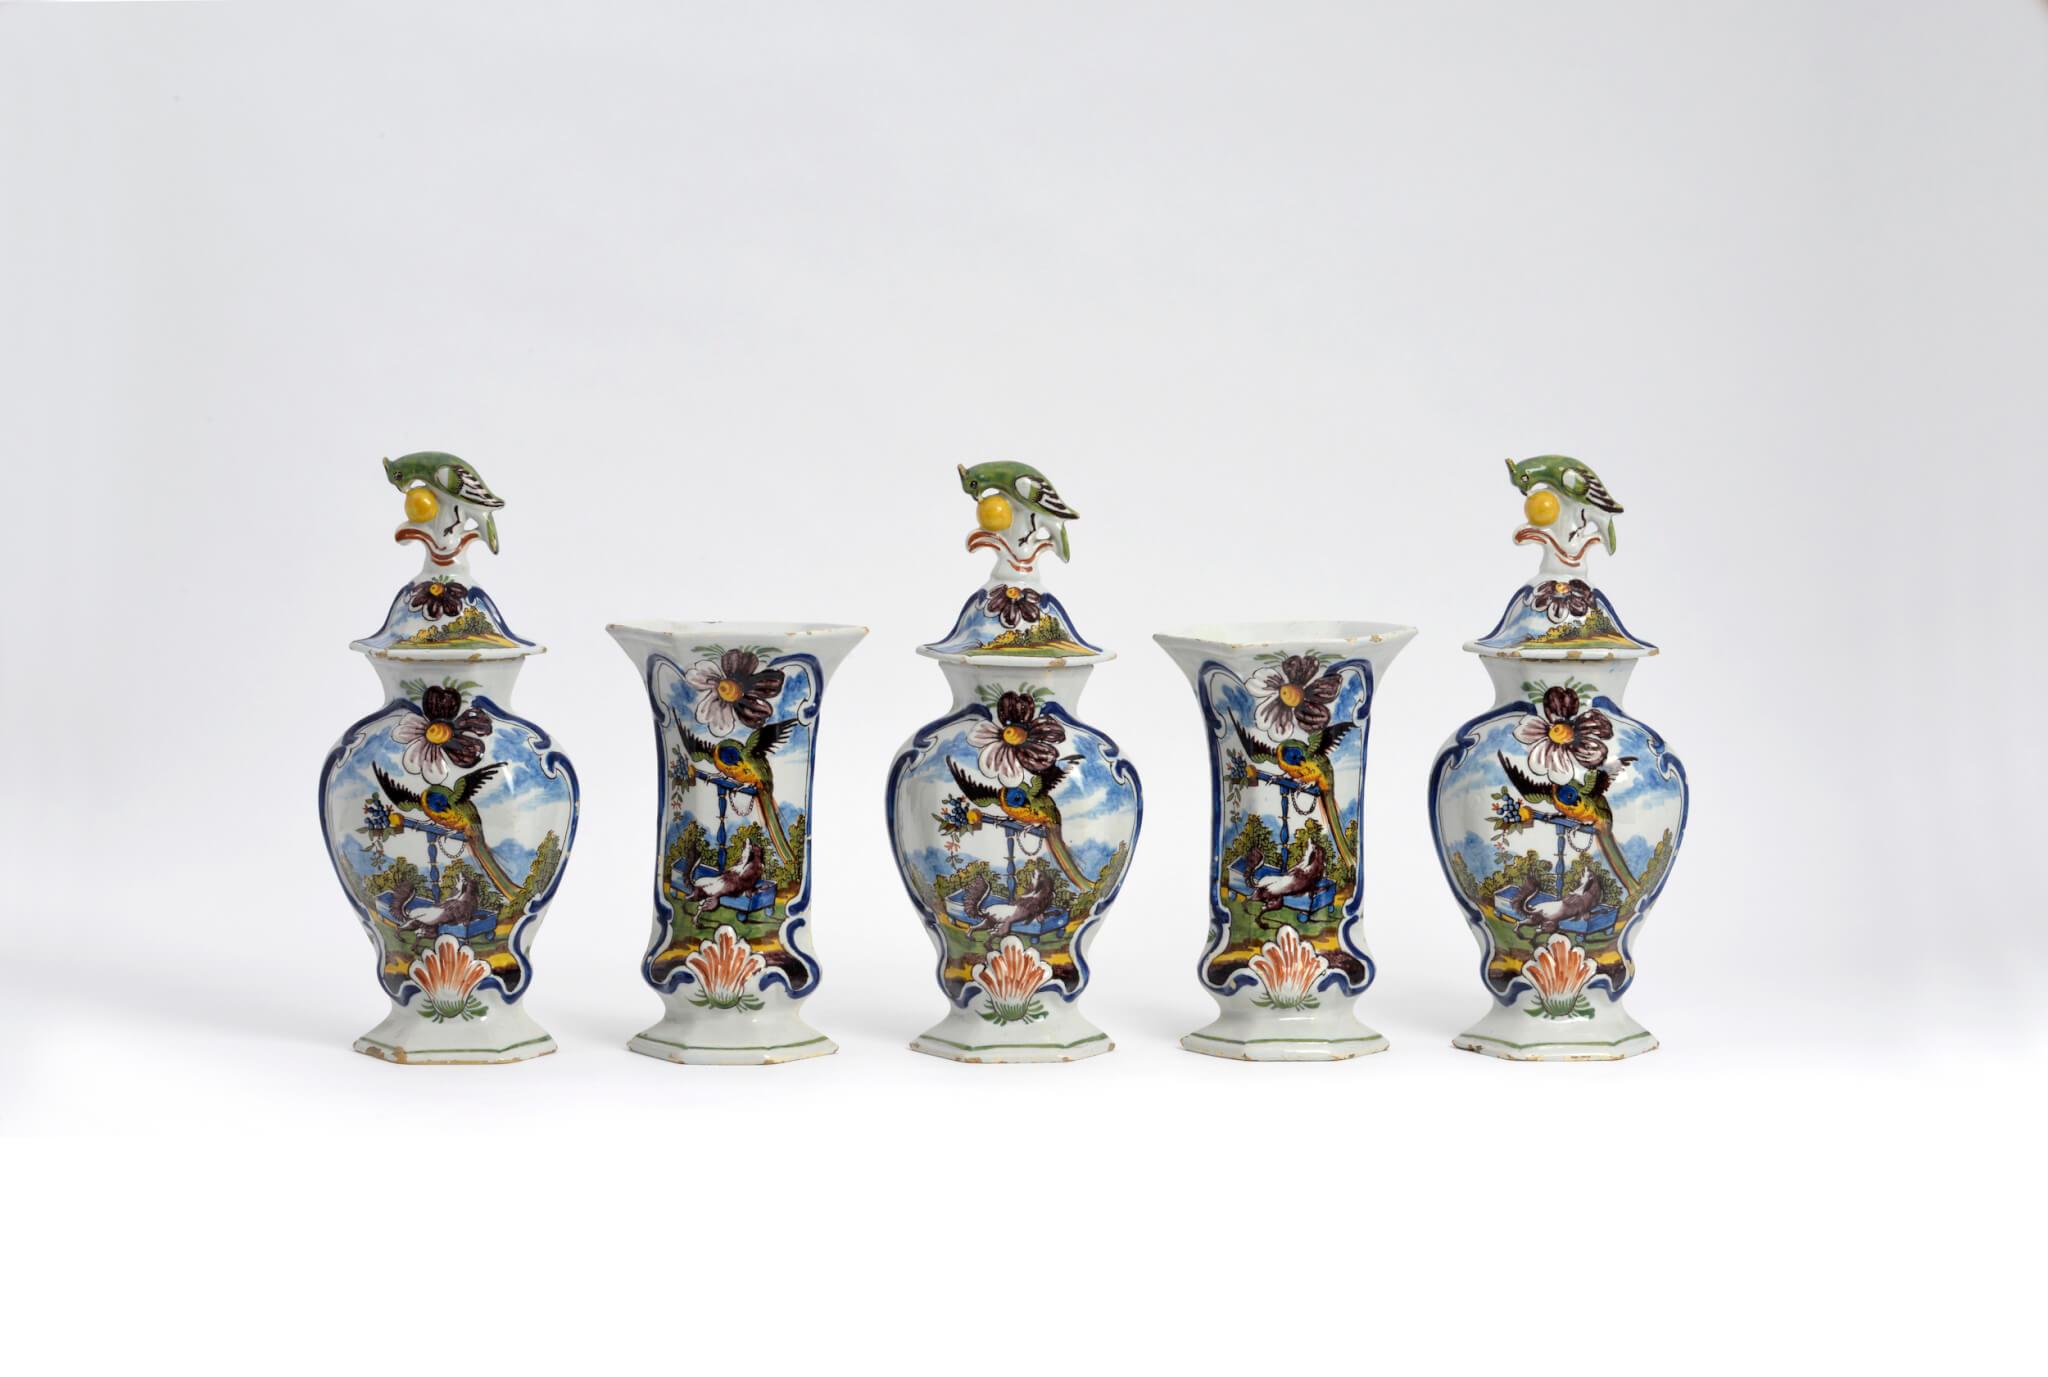 antique polychrome ceramic